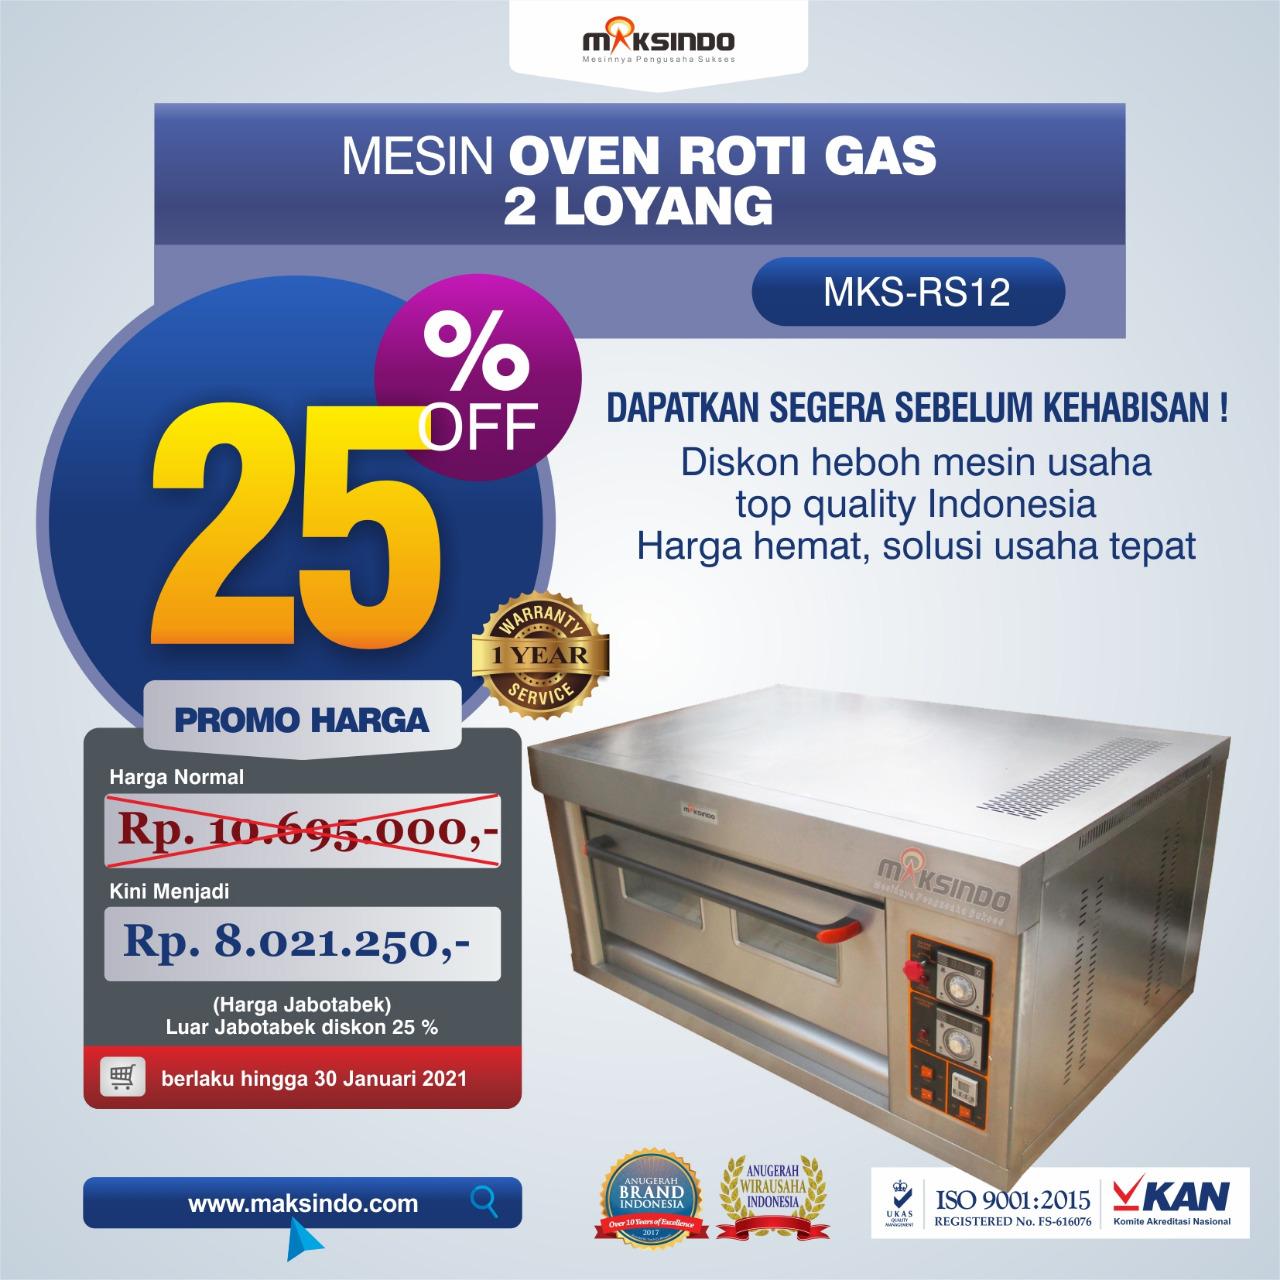 Jual Mesin Oven Roti Gas 2 Loyang (MKS-RS12) di Semarang